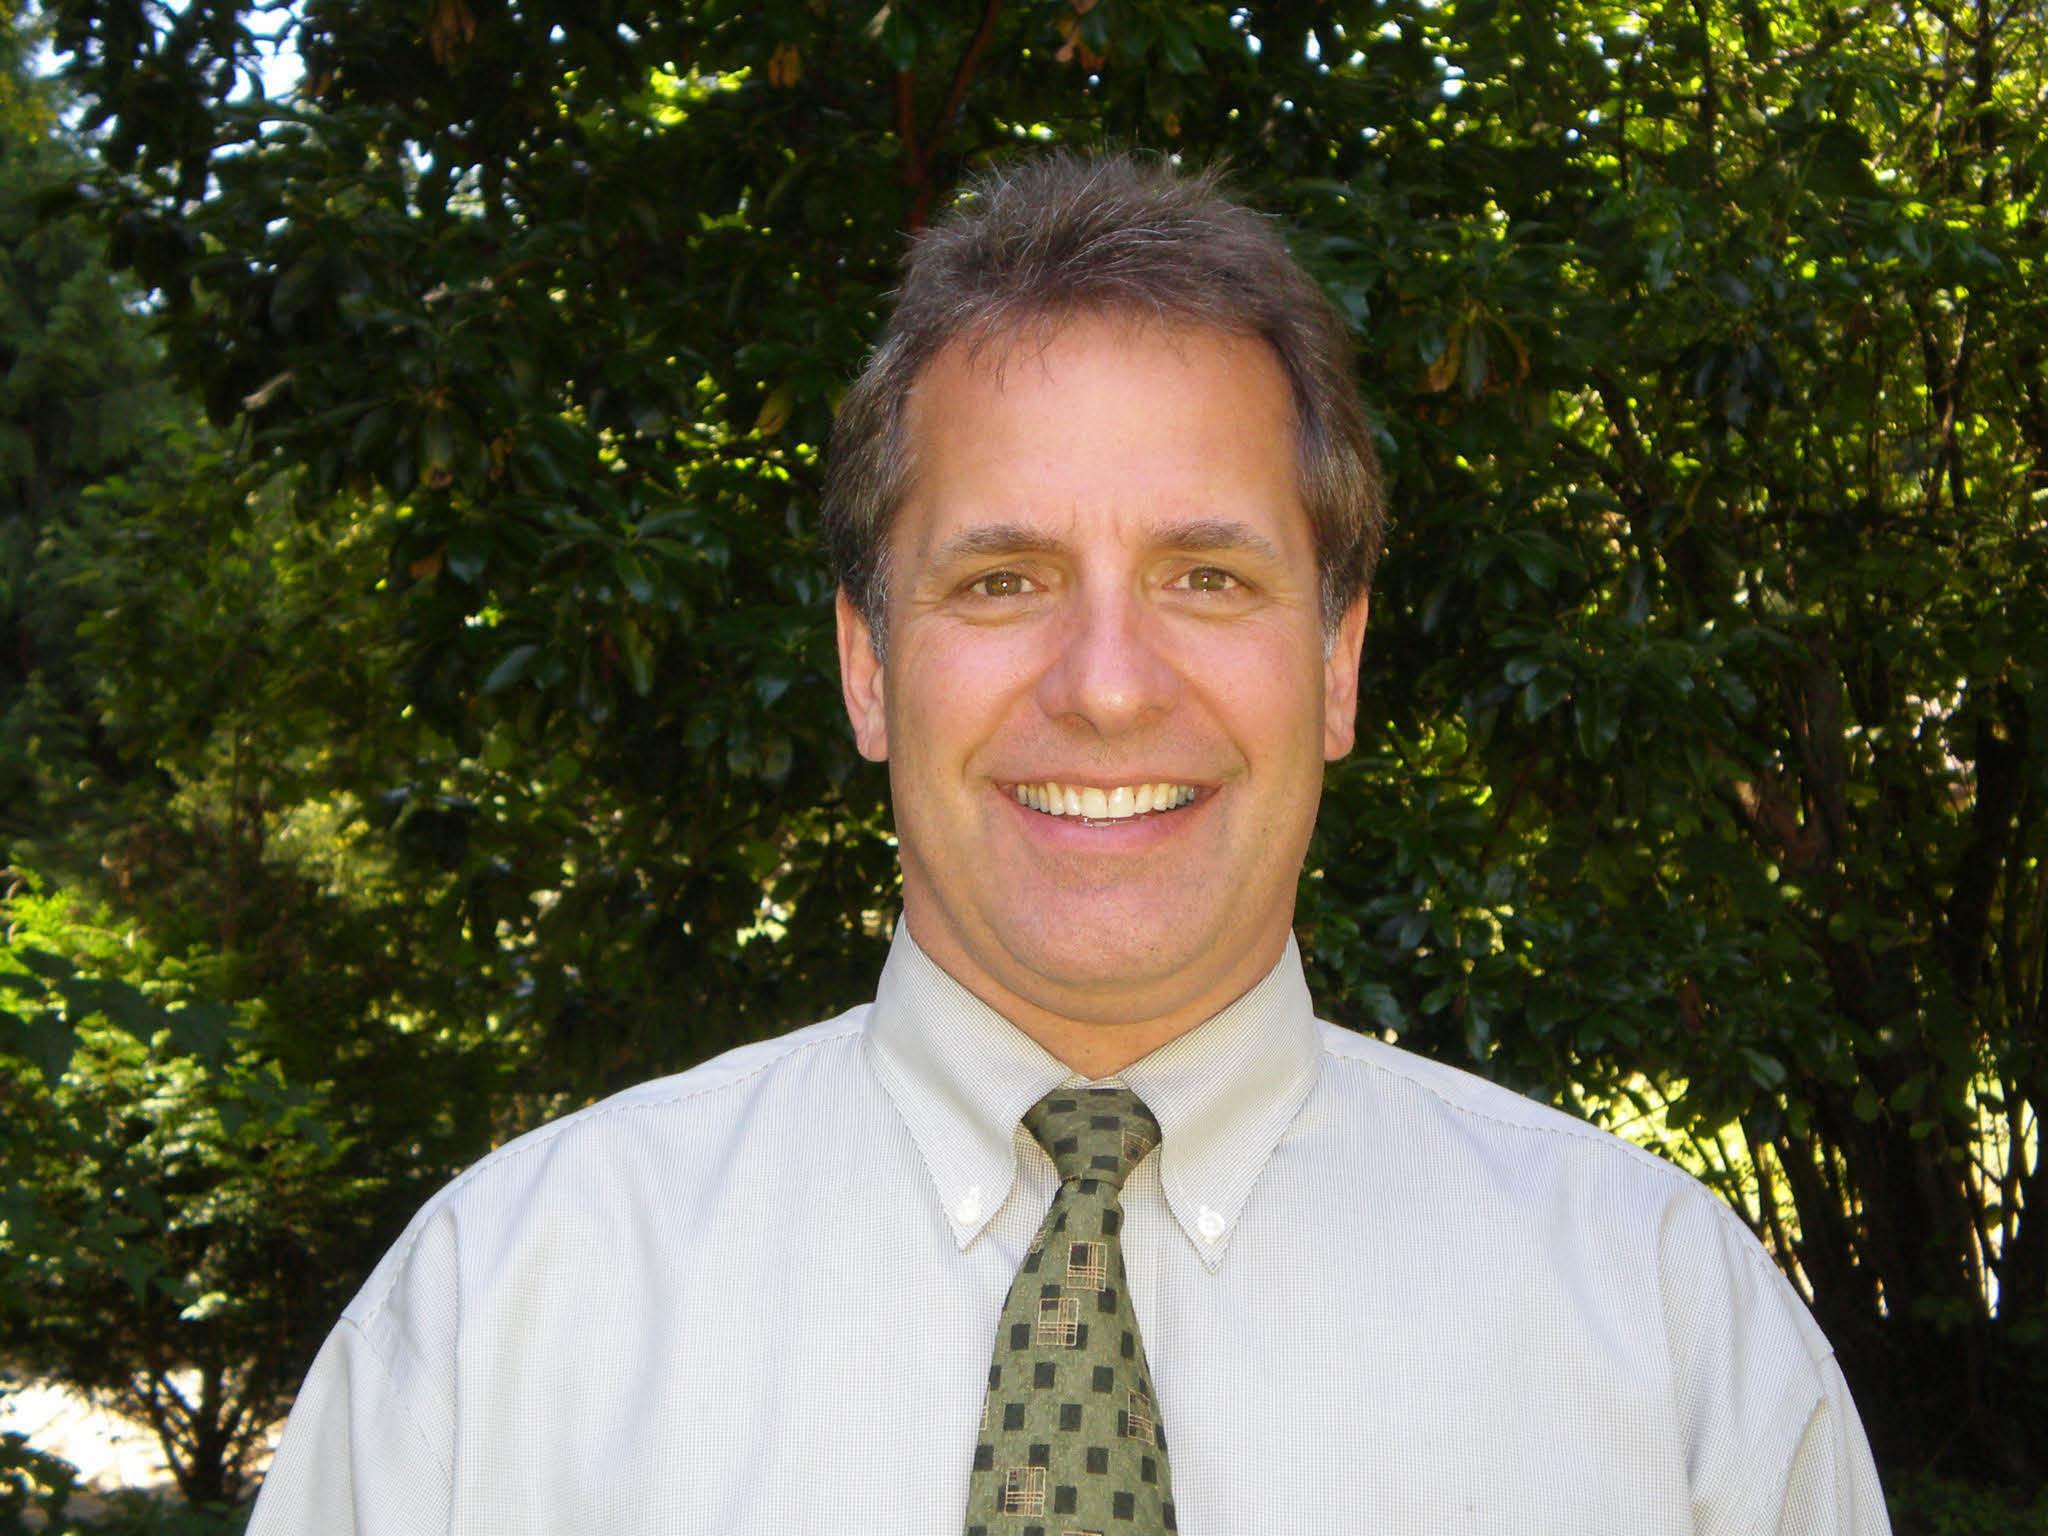 Stadler Family Dentistry Gig Harbor - Dr. Matthew J. Stadler - Gig Harbor Dentists - Dentists in Gig Harbor, WA - Dental Care